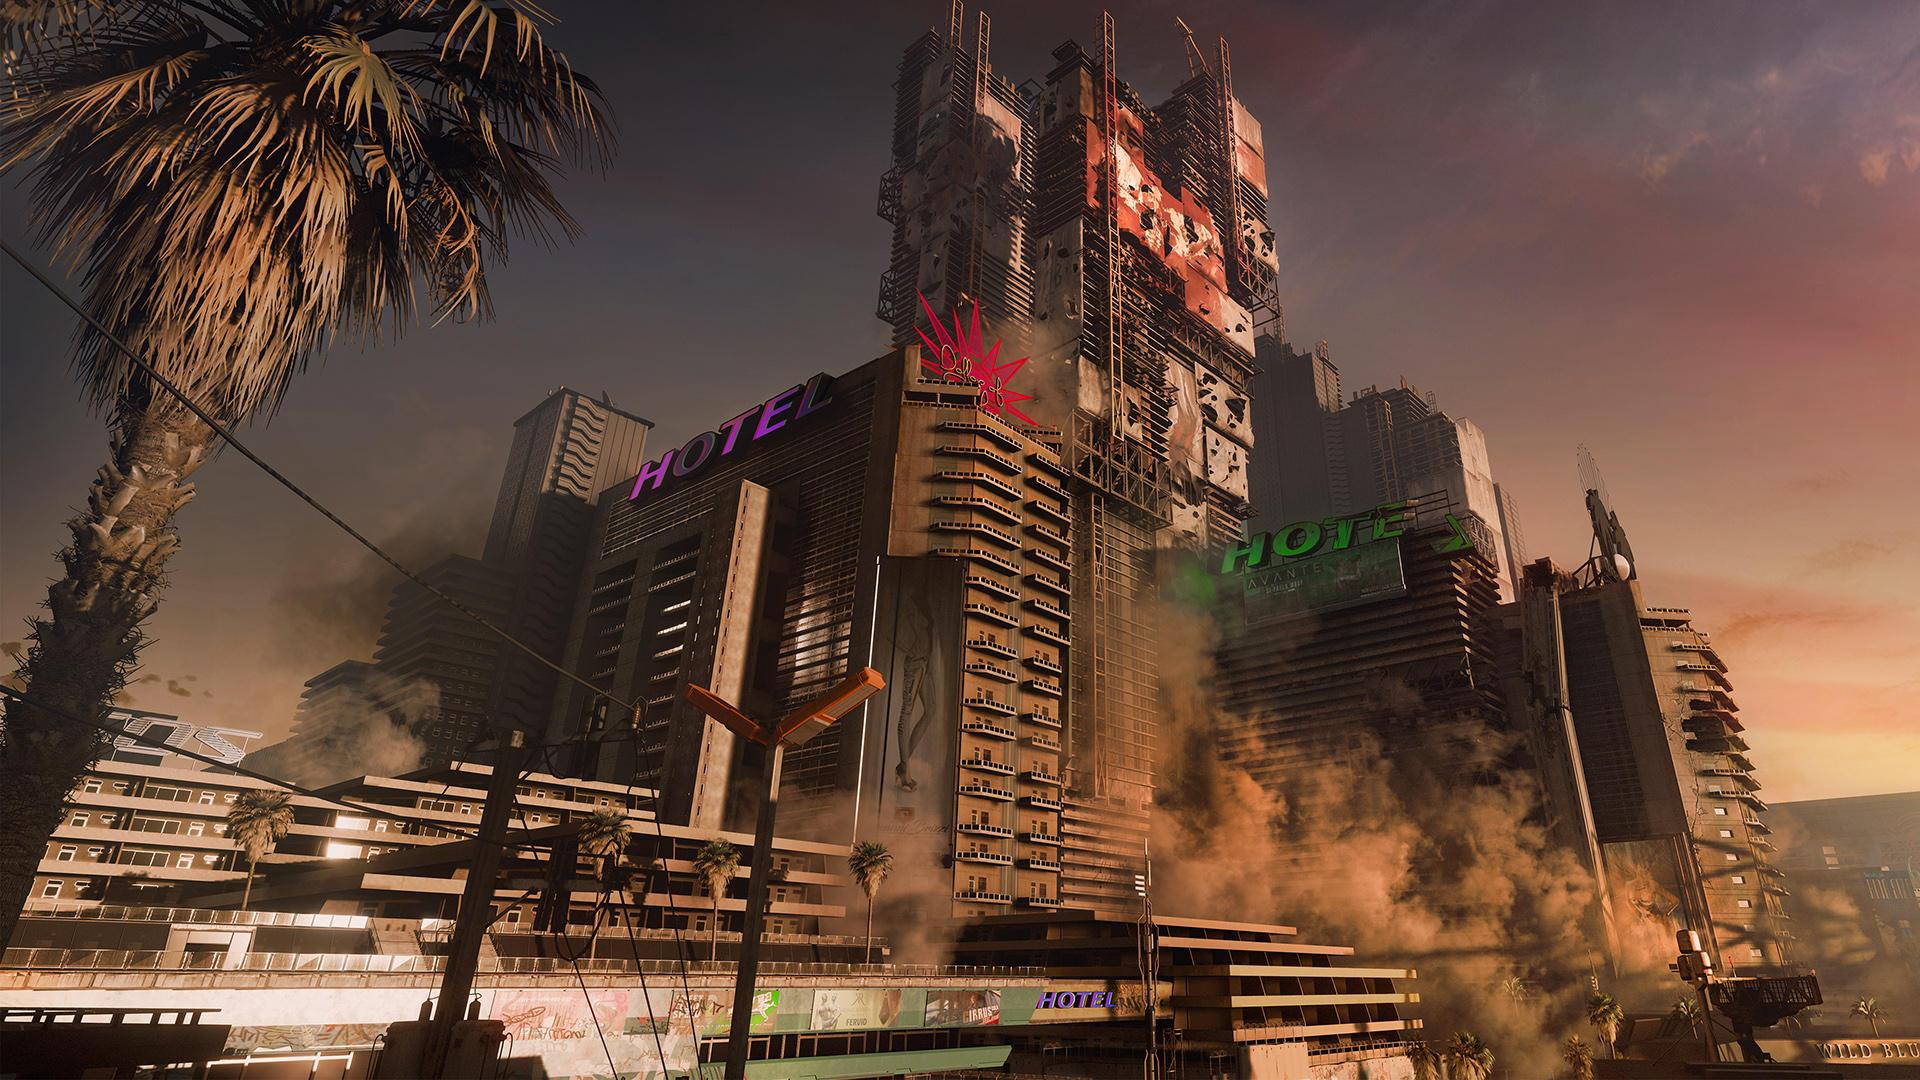 《赛博朋克2077》将有日本城 日本人被认为是上层阶级